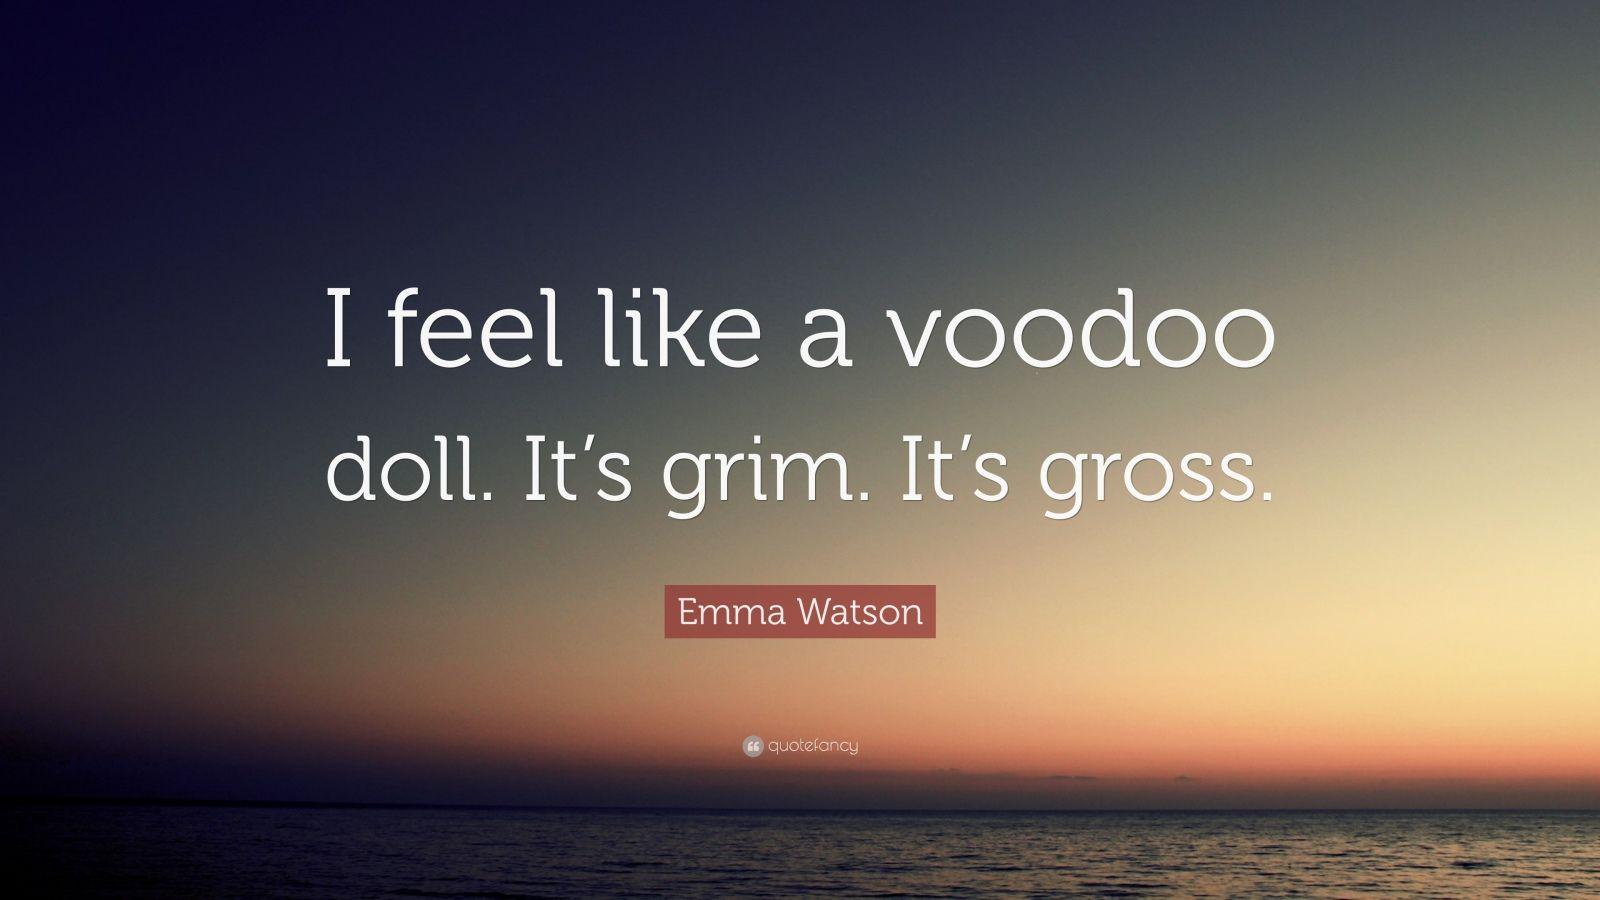 """Emma Watson Quote: """"I feel like a voodoo doll. It's grim. It's gross."""""""